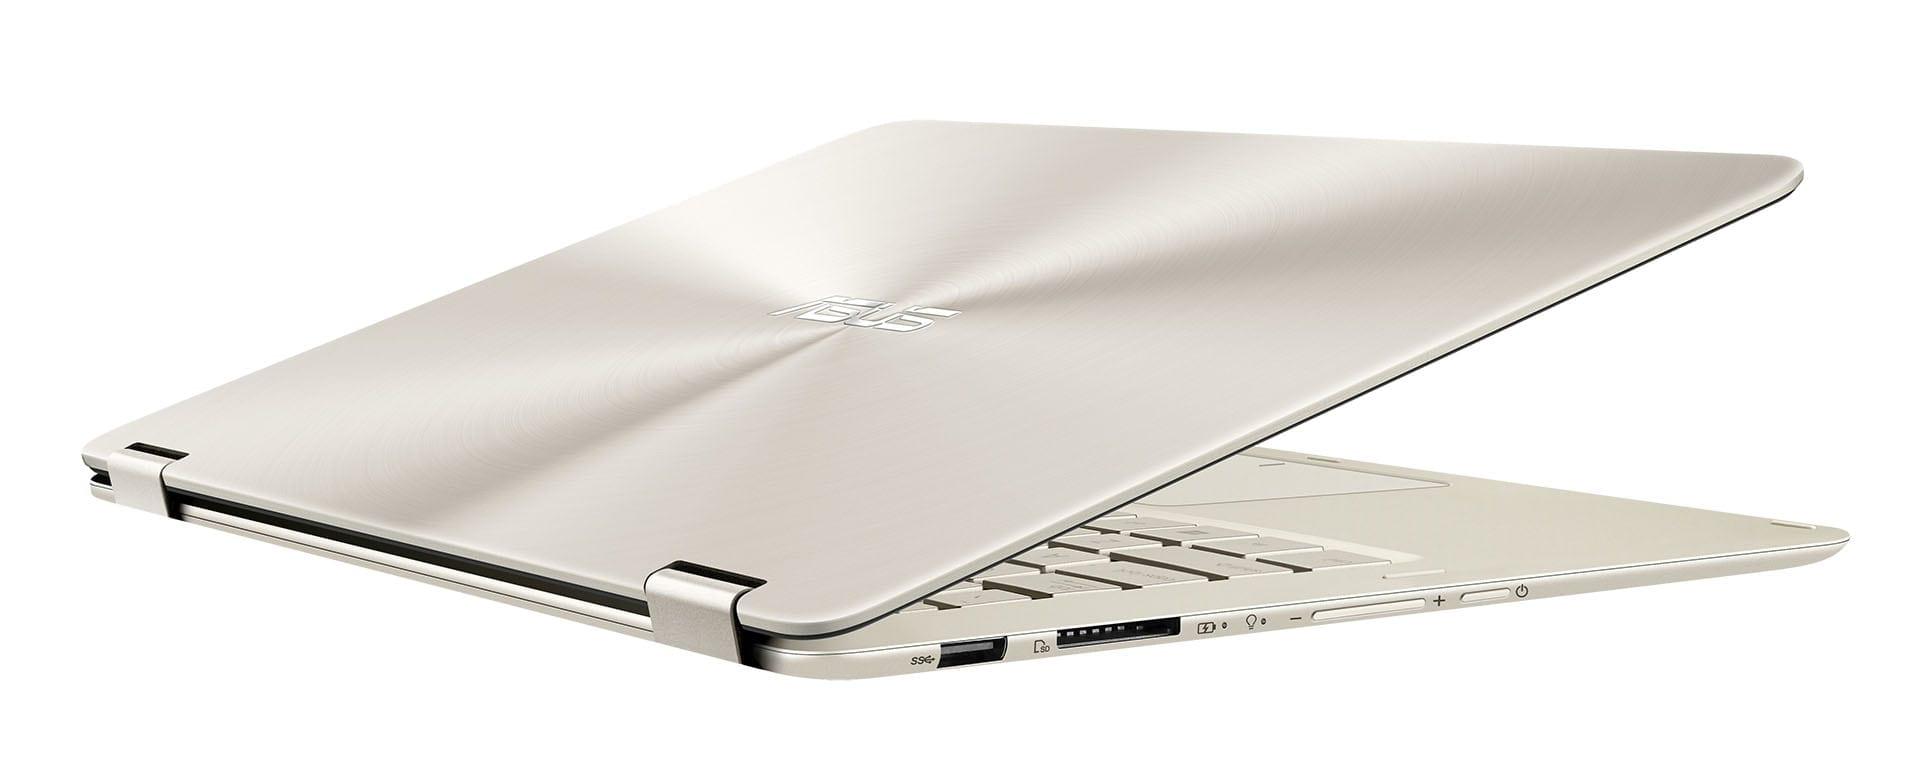 ASUS ZenBook Flip UX360 (2)